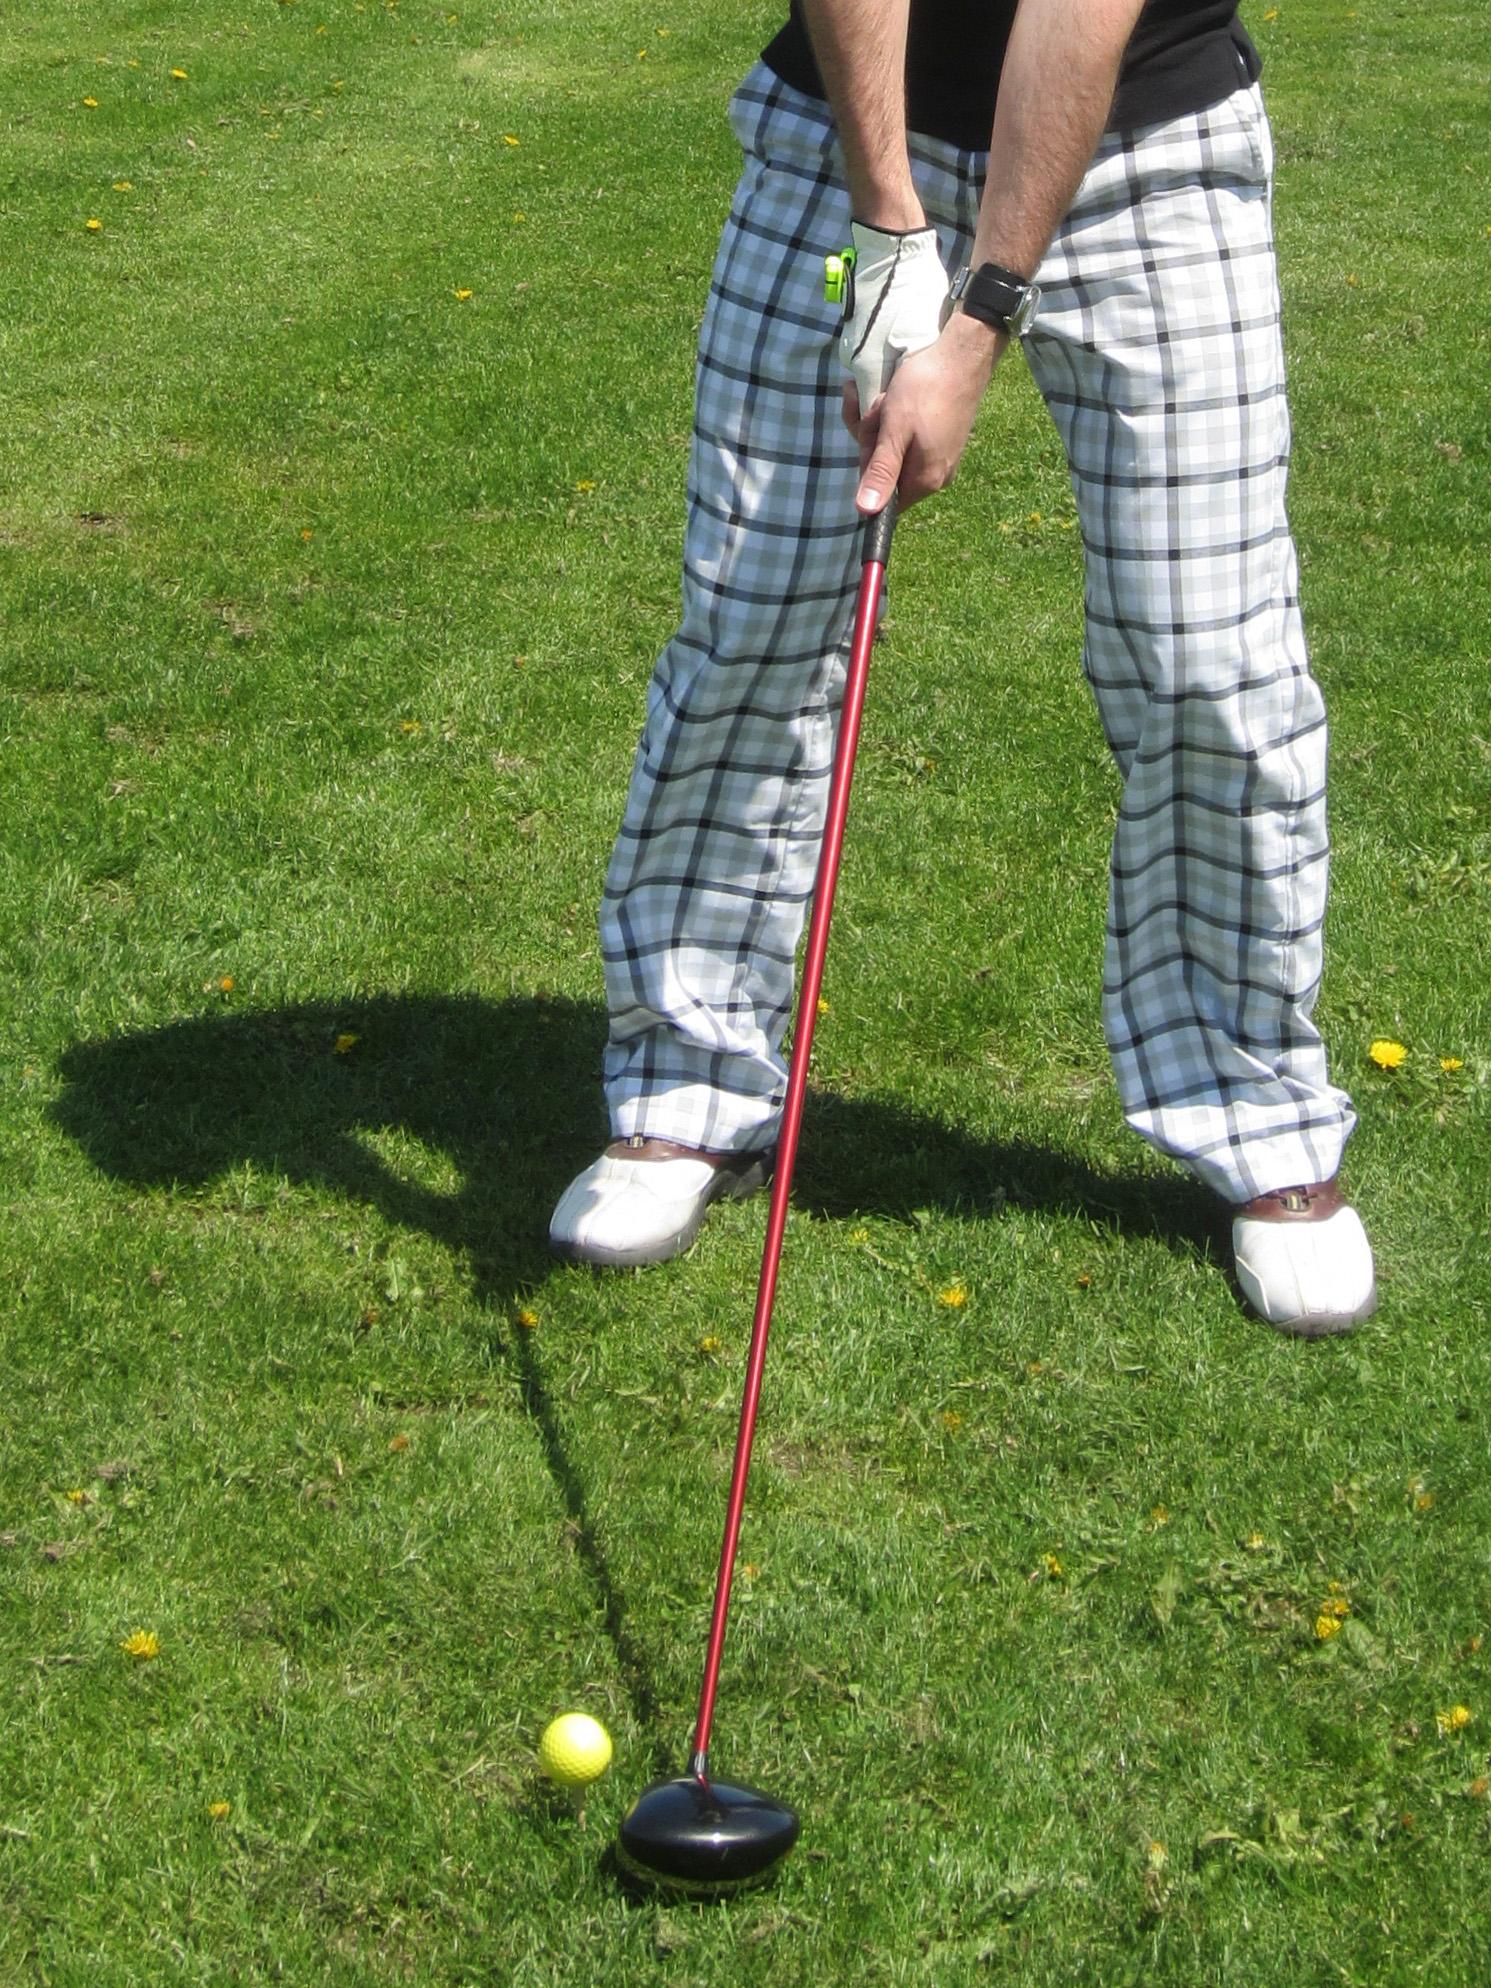 Zepp Golf Swing Analyzer Range Review